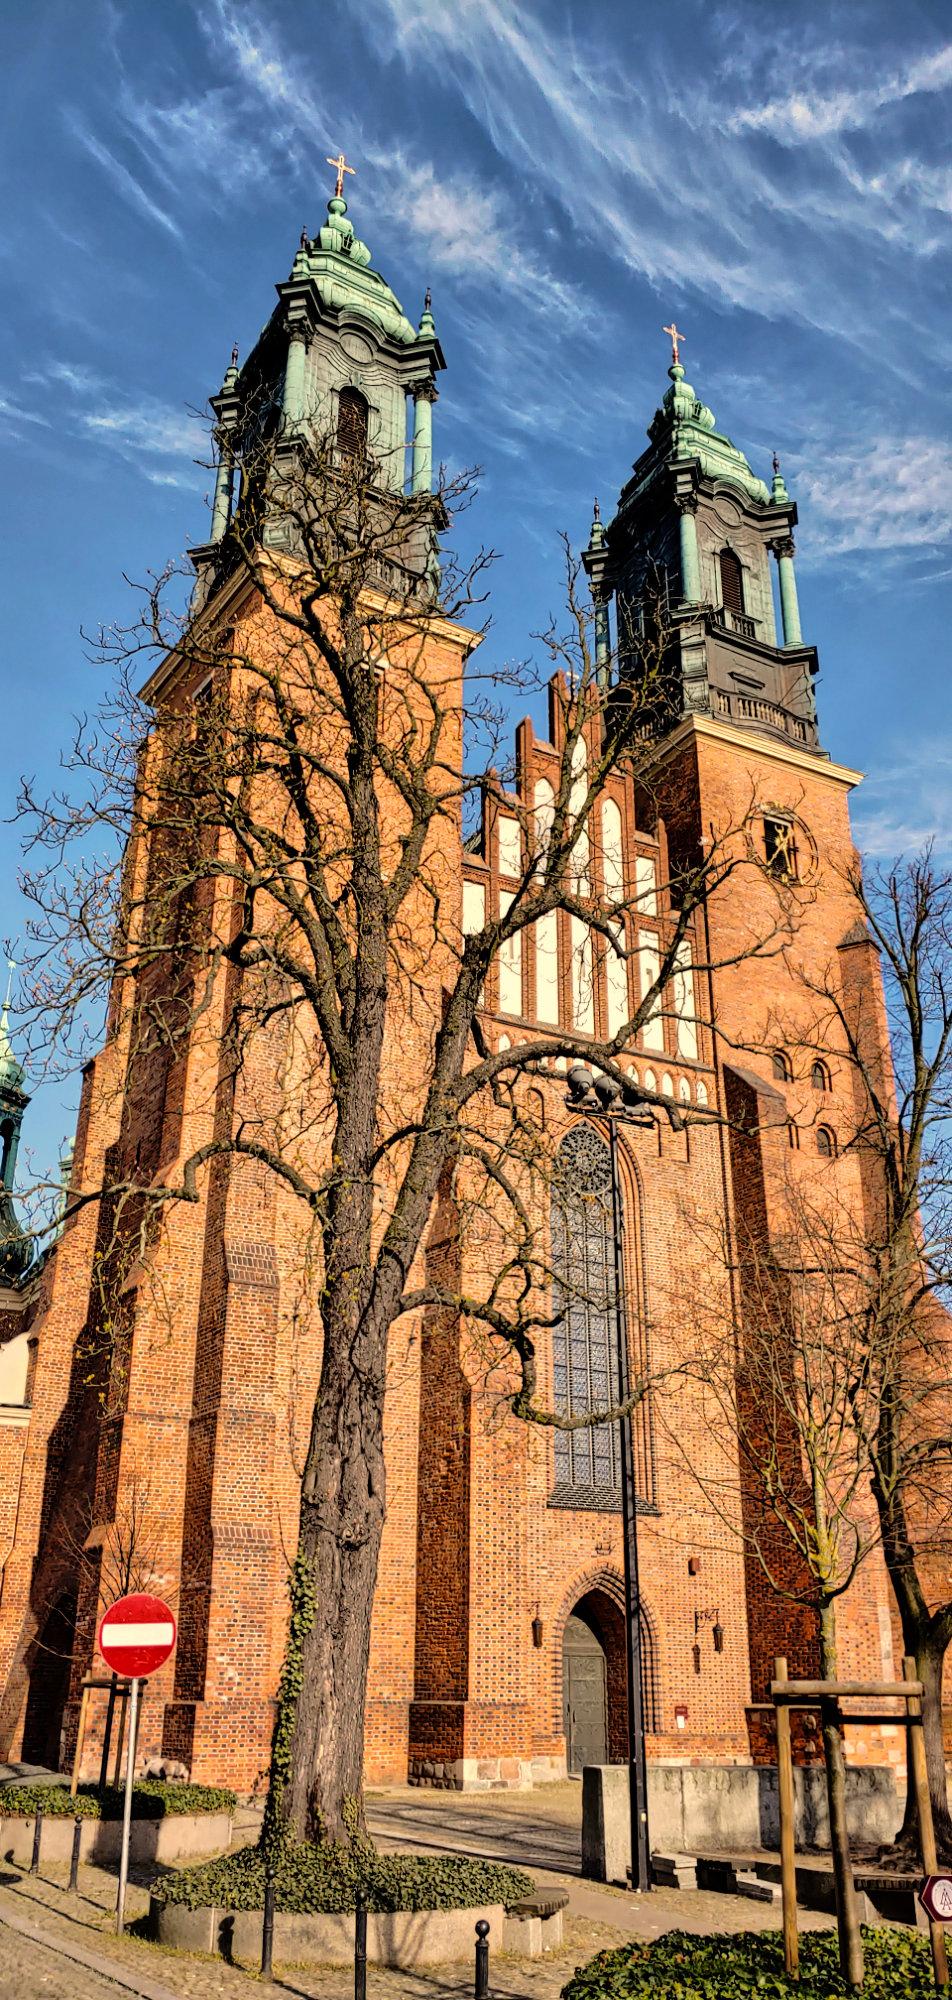 Katedra poznańska w pełnym słońcu i pełnej okazałości